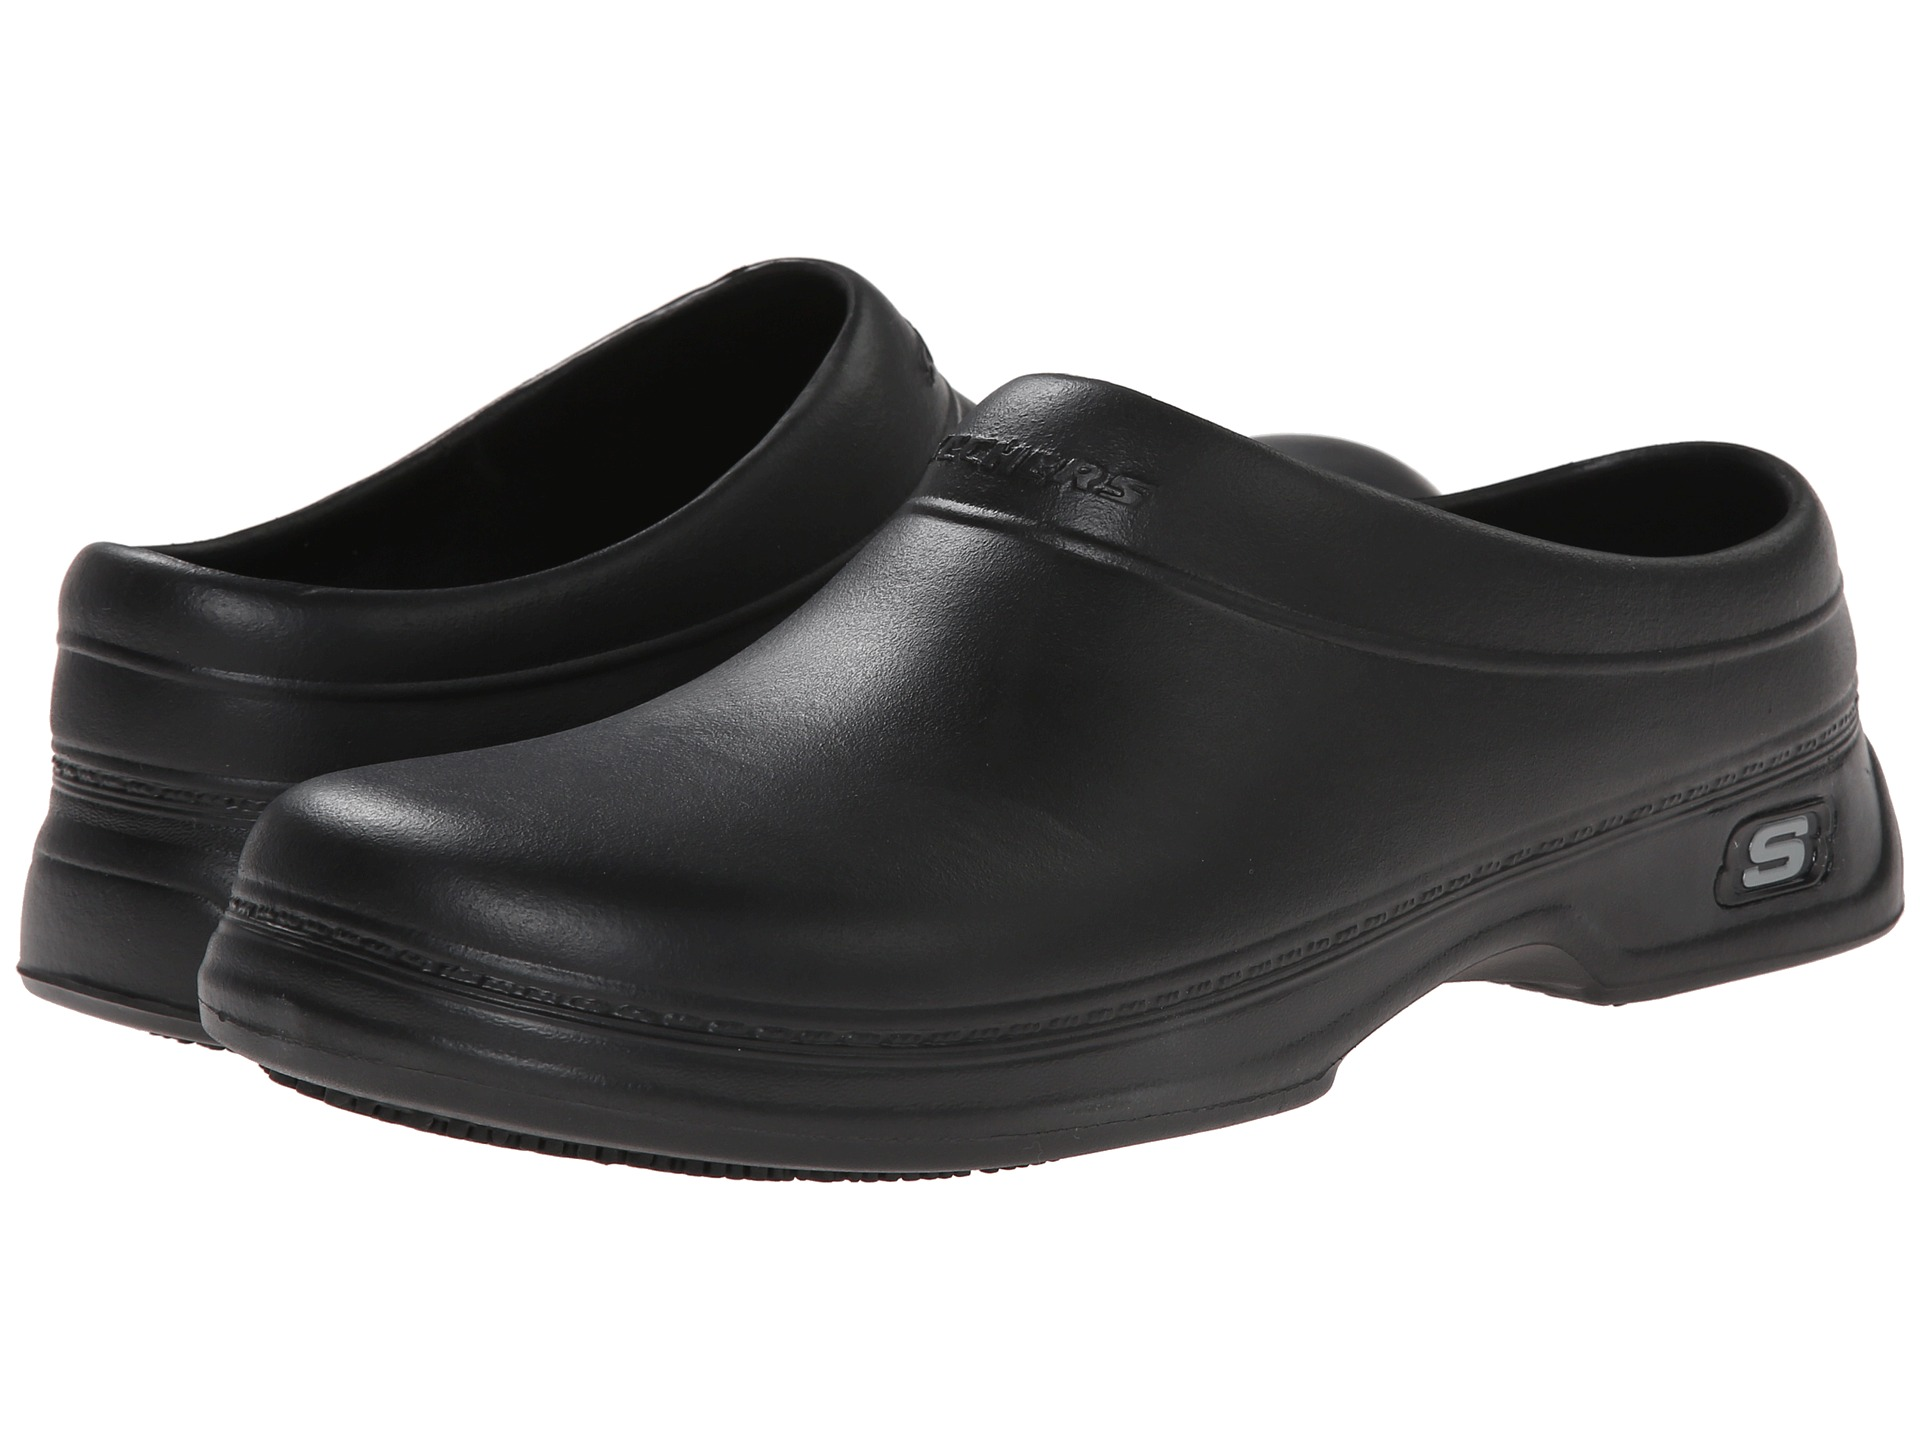 Astm Non Slip Shoes